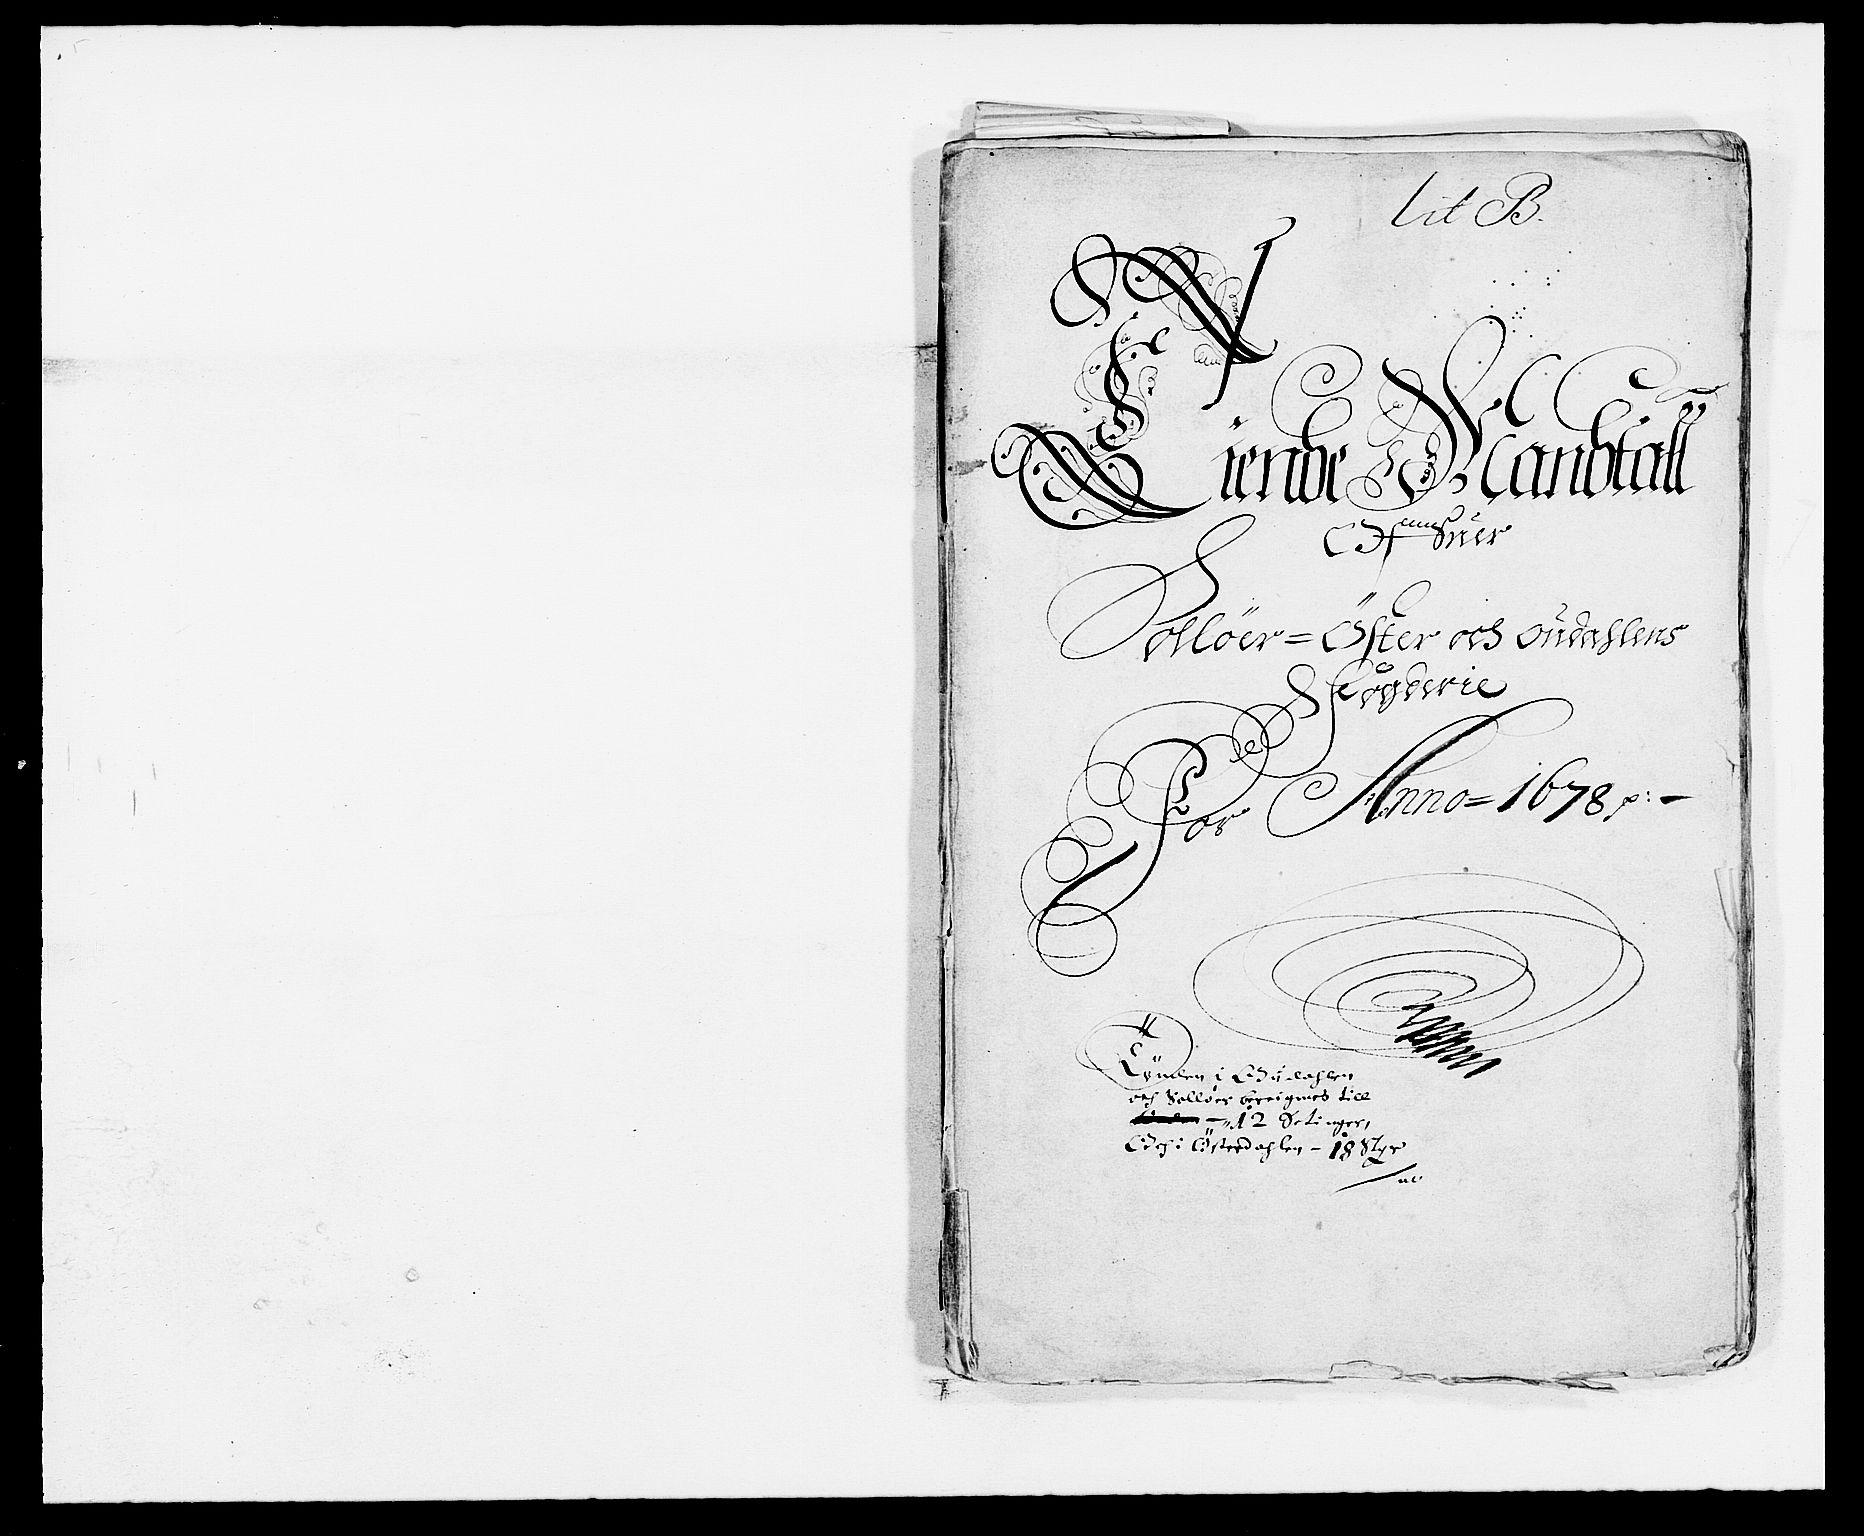 RA, Rentekammeret inntil 1814, Reviderte regnskaper, Fogderegnskap, R13/L0814: Fogderegnskap Solør, Odal og Østerdal, 1678, s. 143